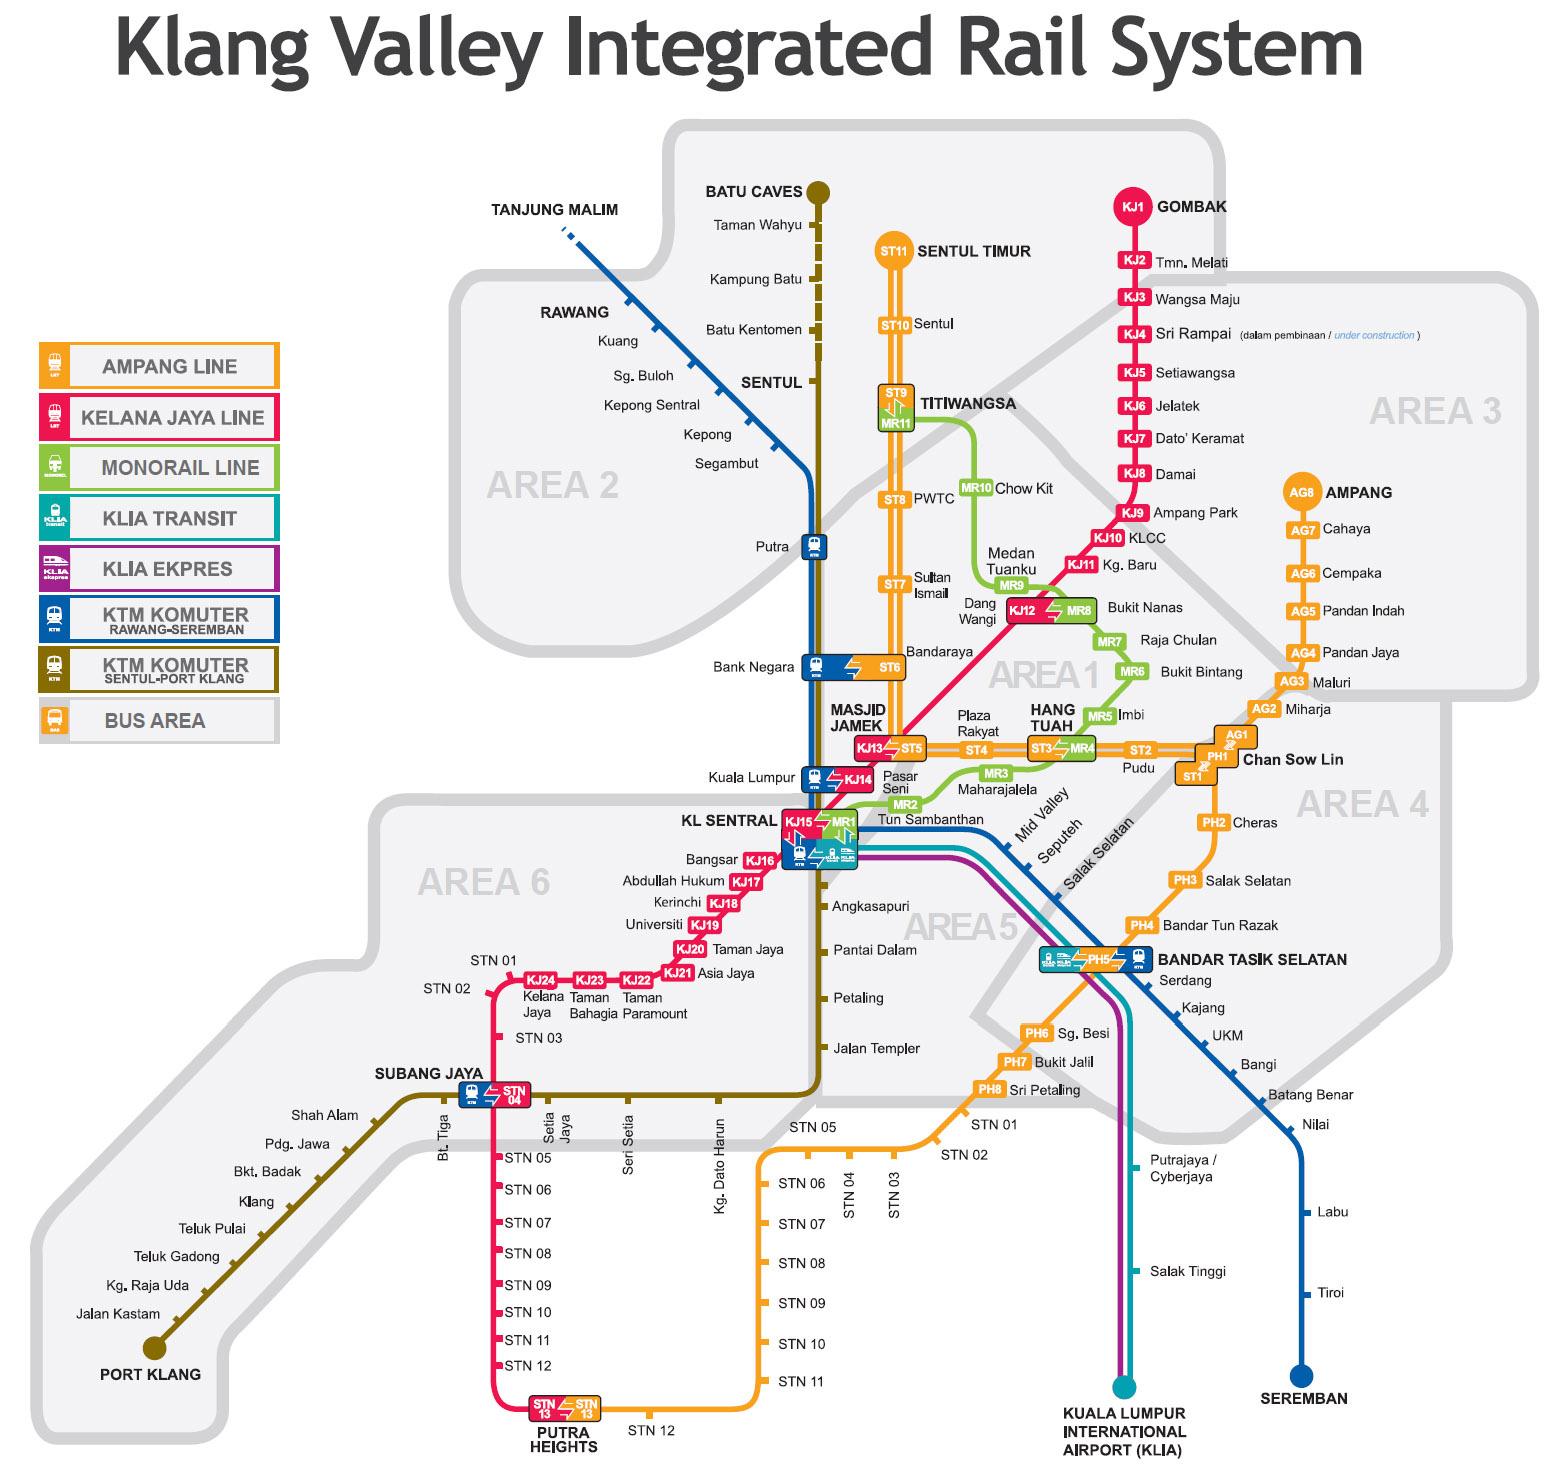 Cách xem bản đồ tàu điện ở Kuala Lumpur